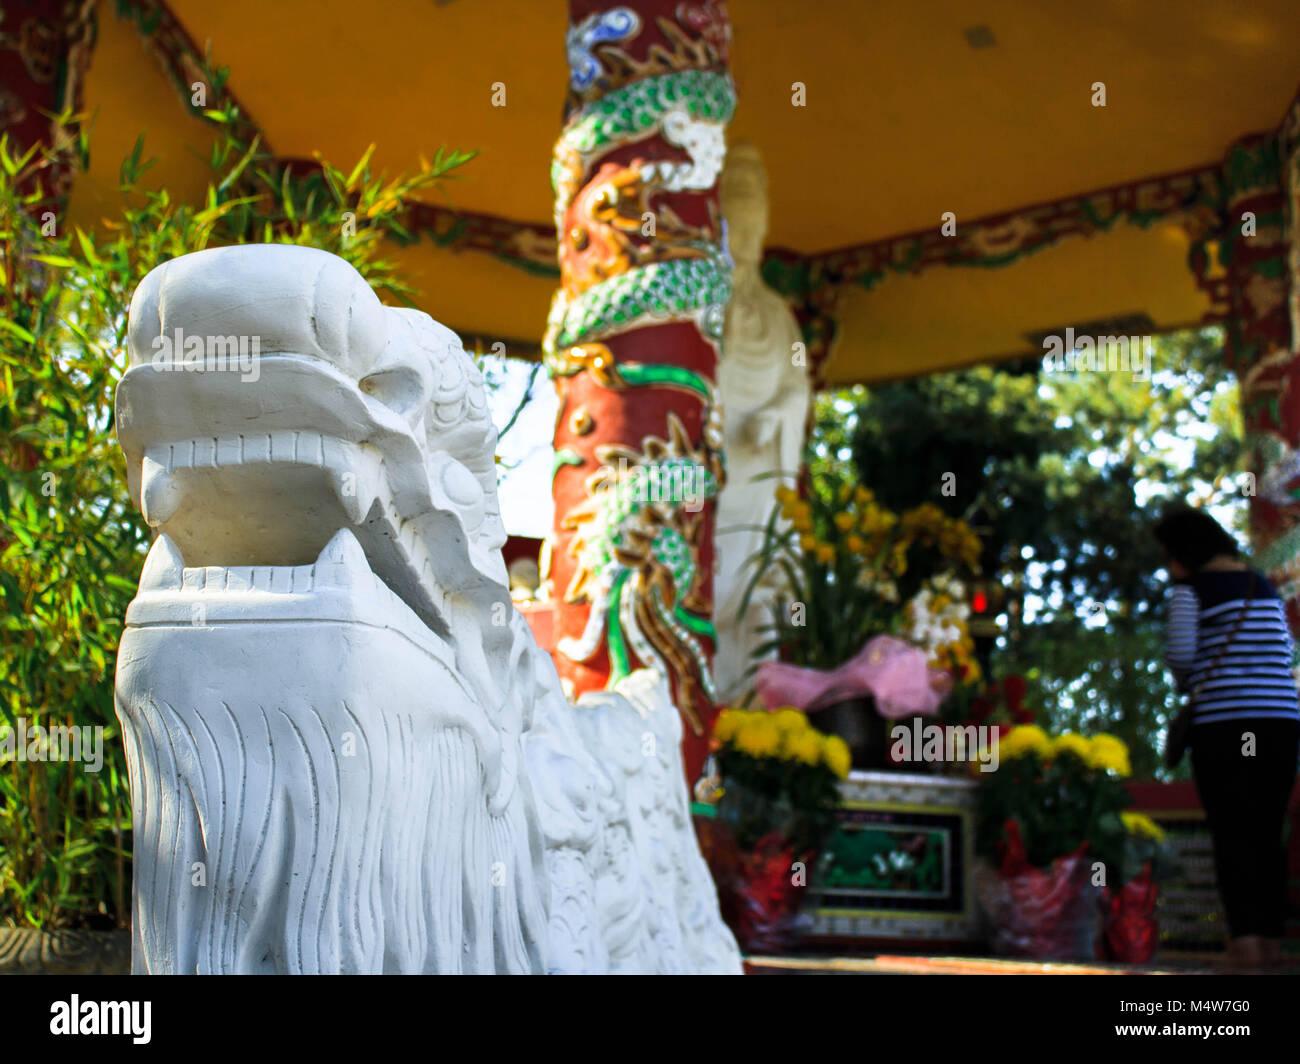 Statue outside Shrine - Stock Image